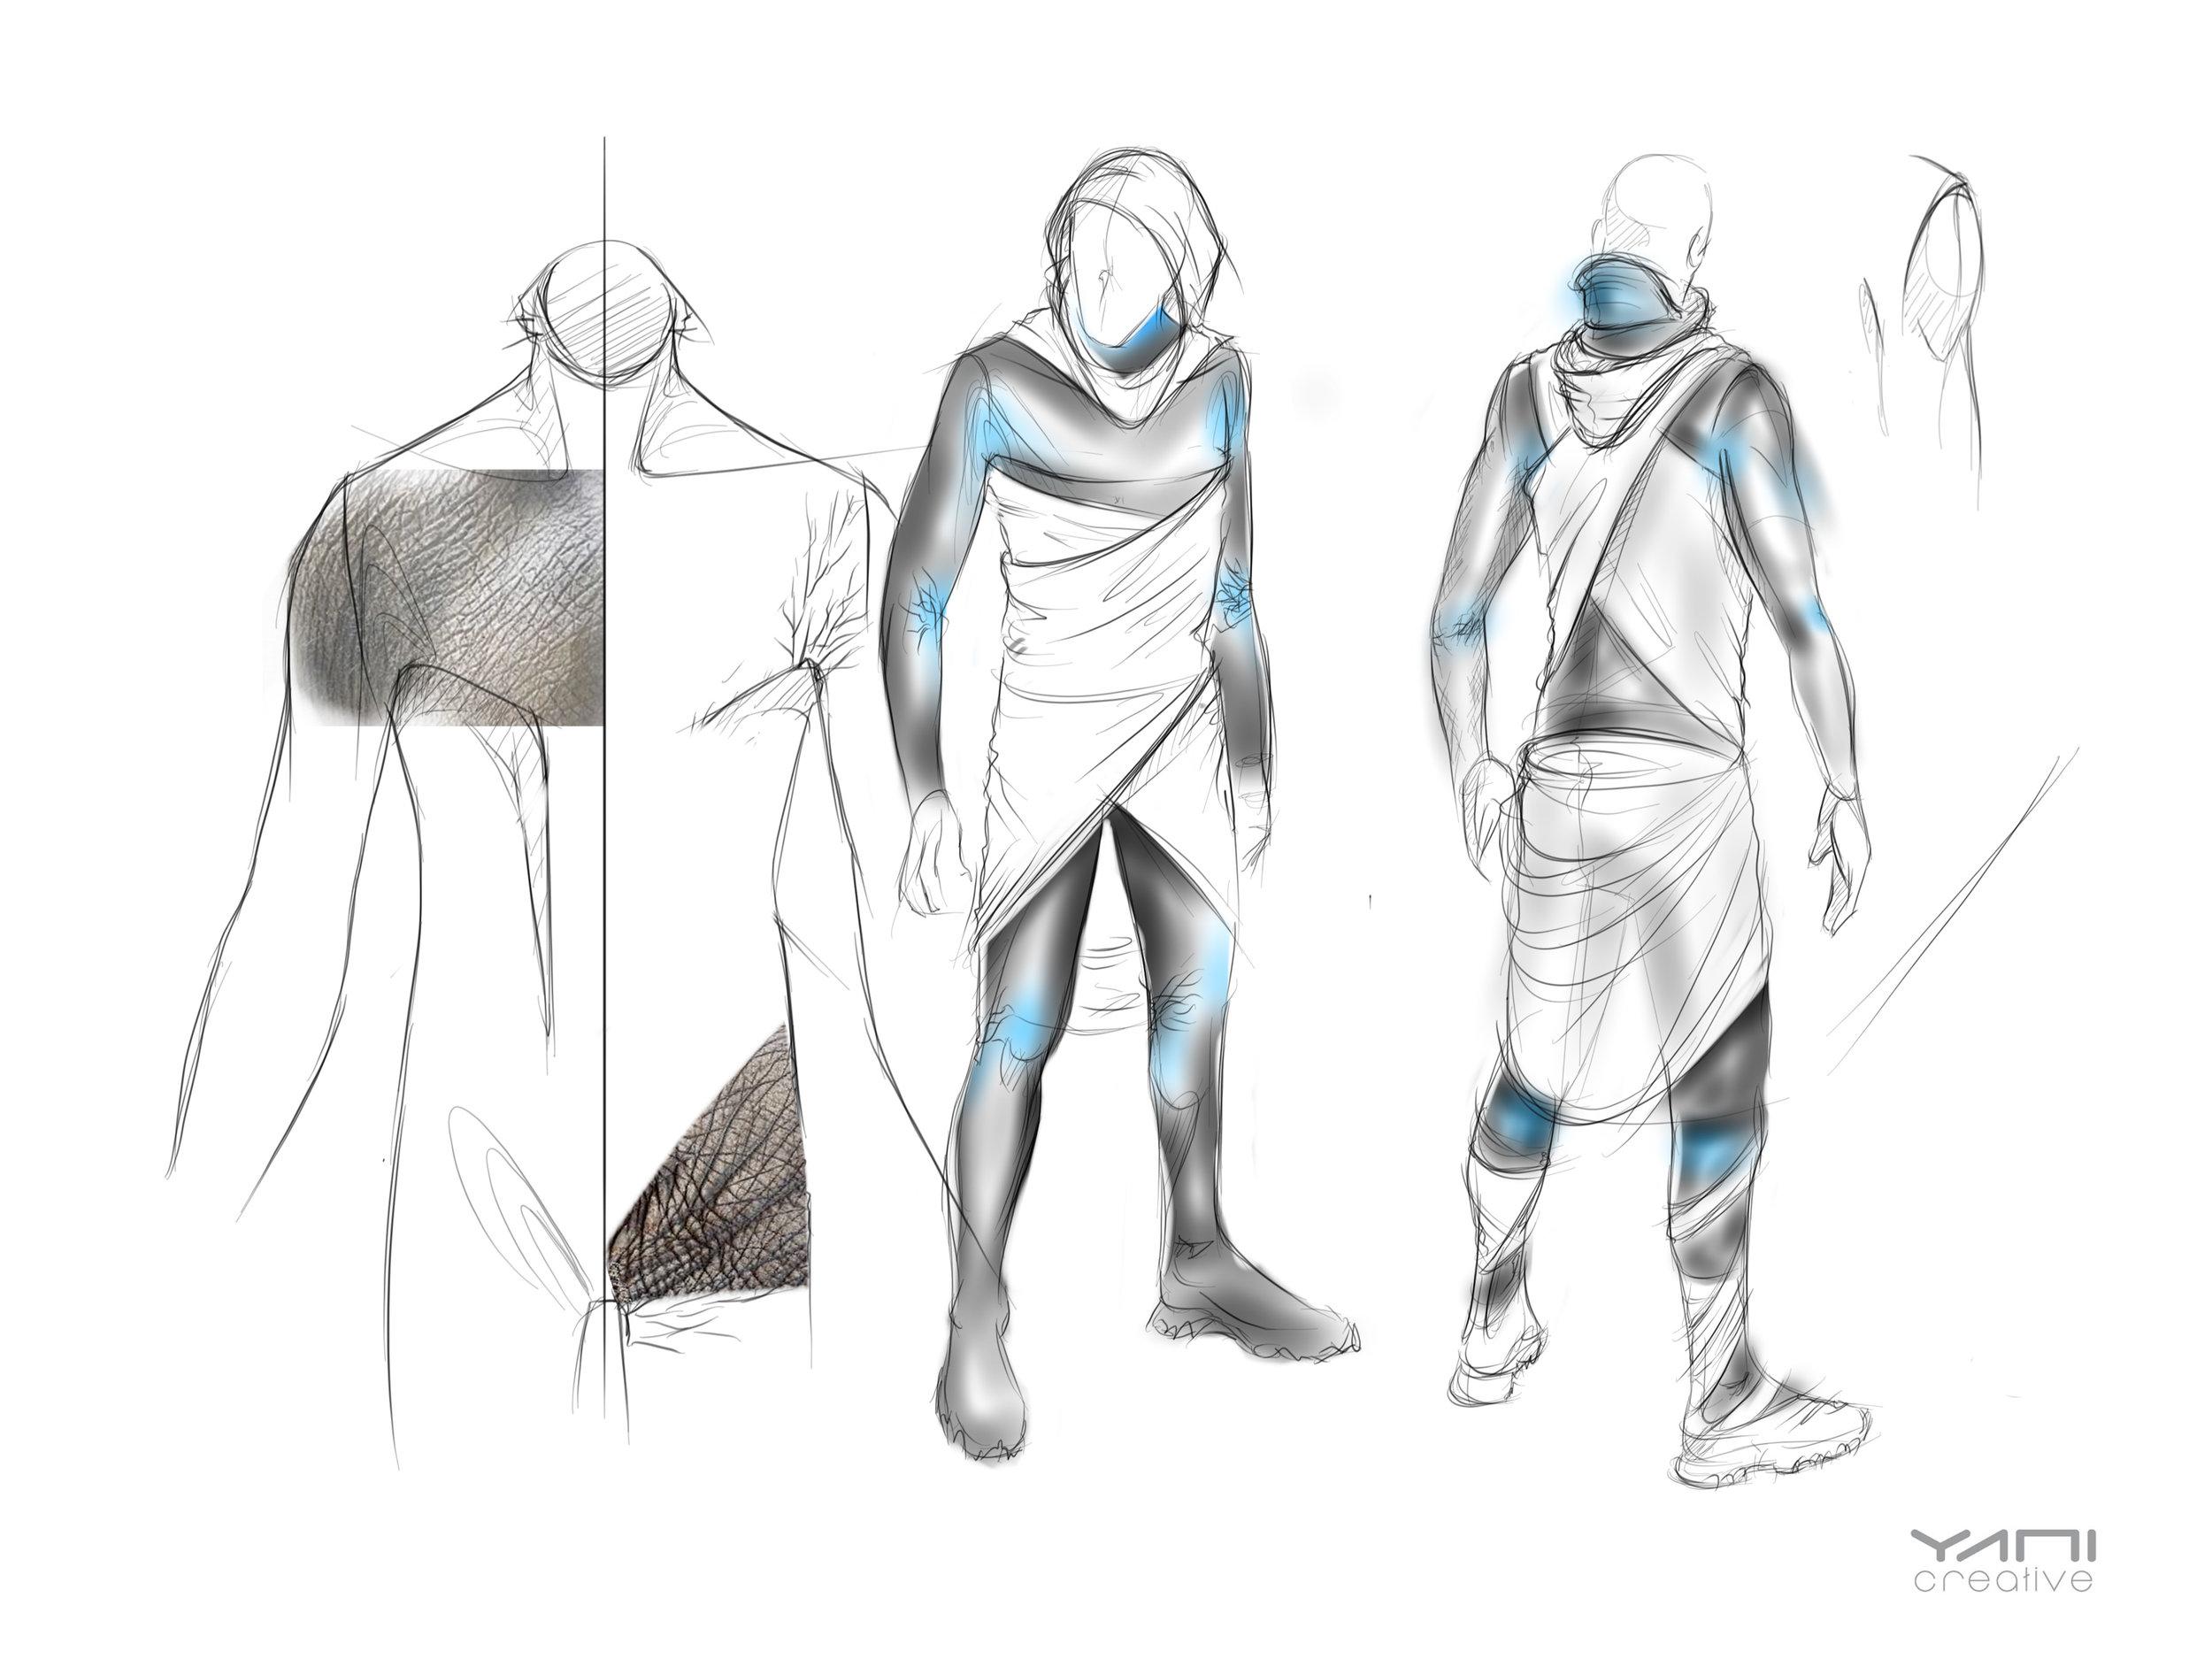 Dune_stillsuit design2.jpg